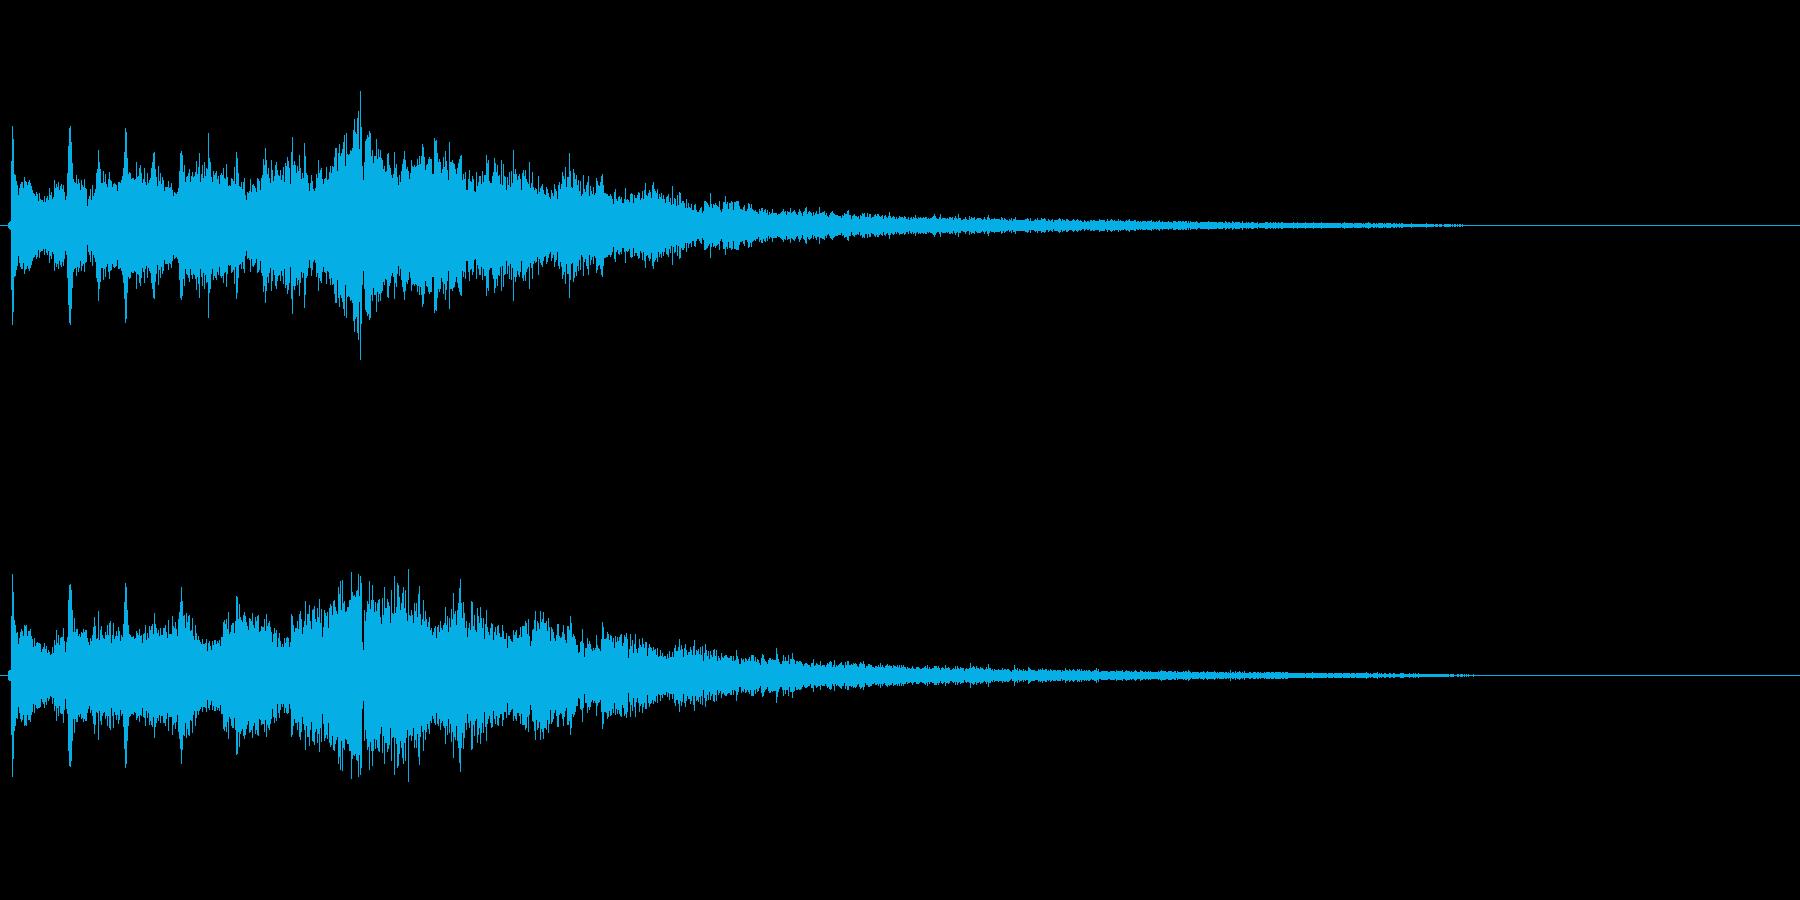 「キラーン」企業ロゴ向けSE。キラりと…の再生済みの波形